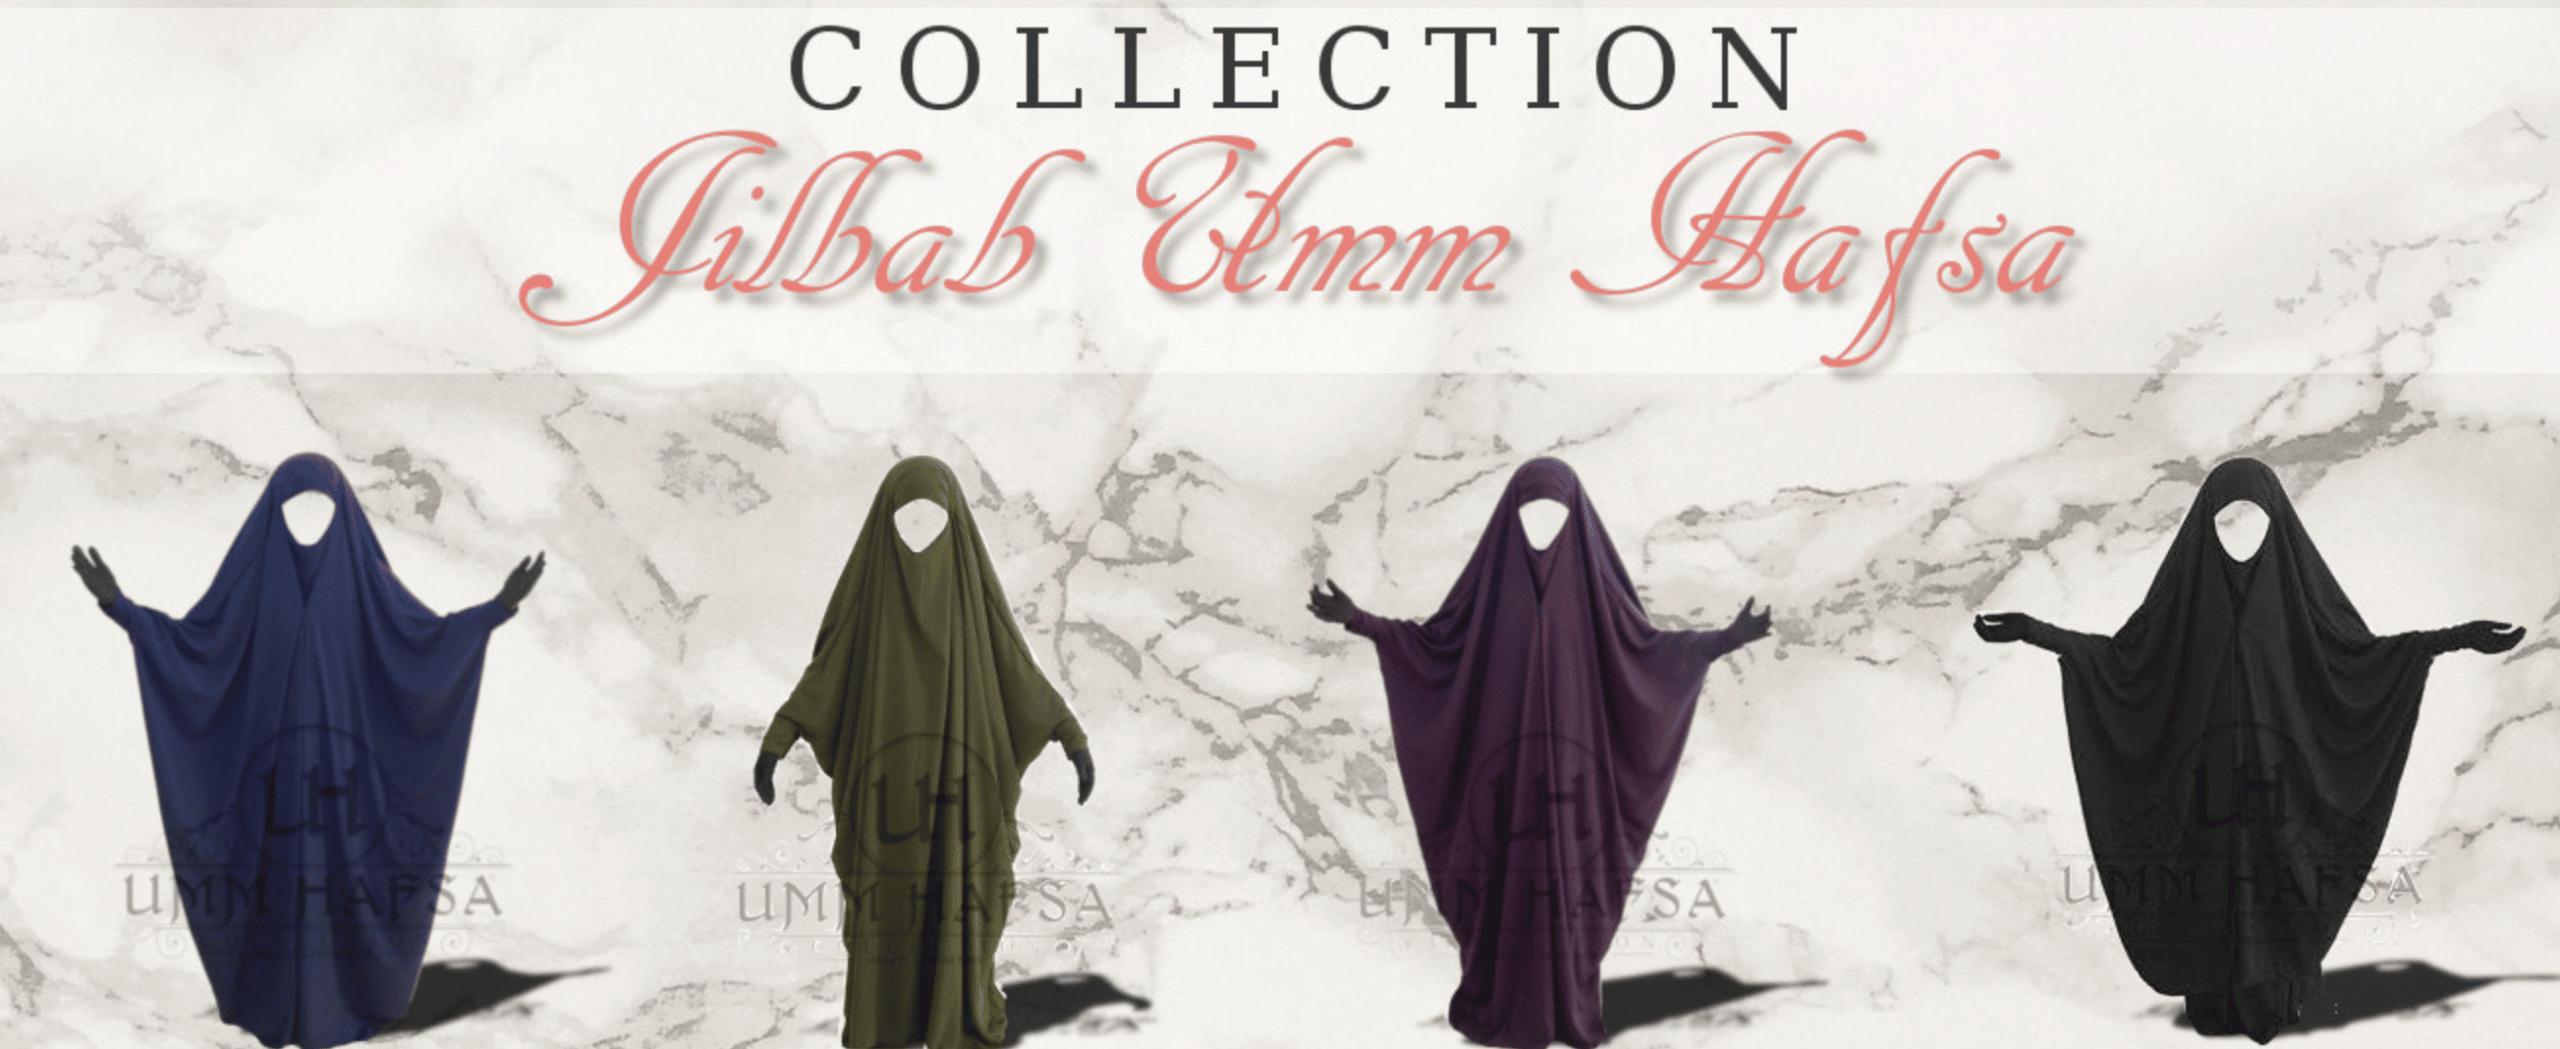 Collection Umm Hafsa, la marque de vêtement qui innove